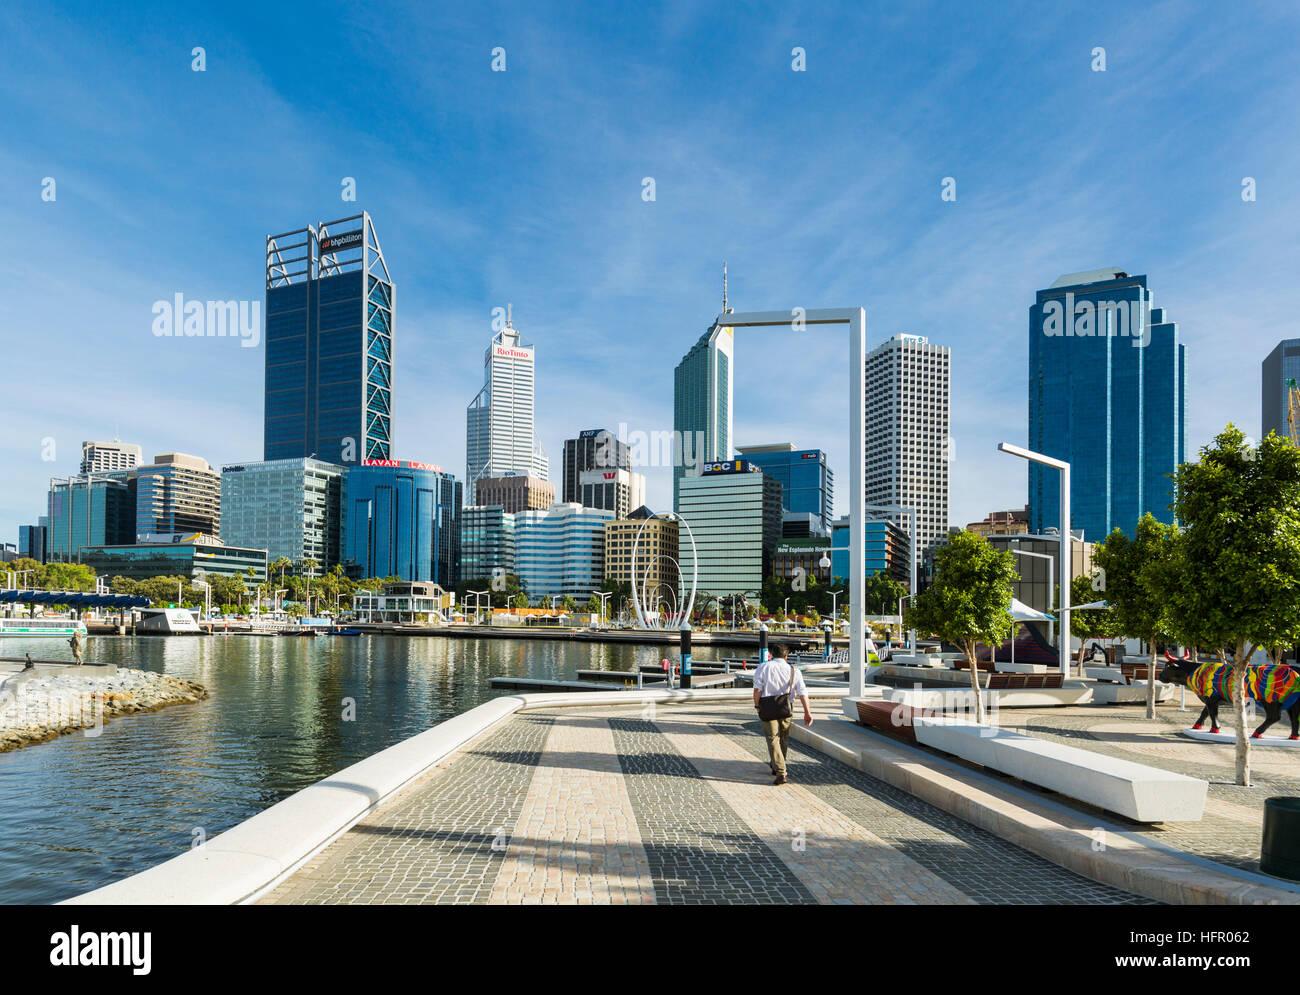 Arbeiter der Stadt entlang Elizabeth Quay mit der Skyline der Stadt darüber hinaus, Perth, Western Australia, Australien Stockfoto